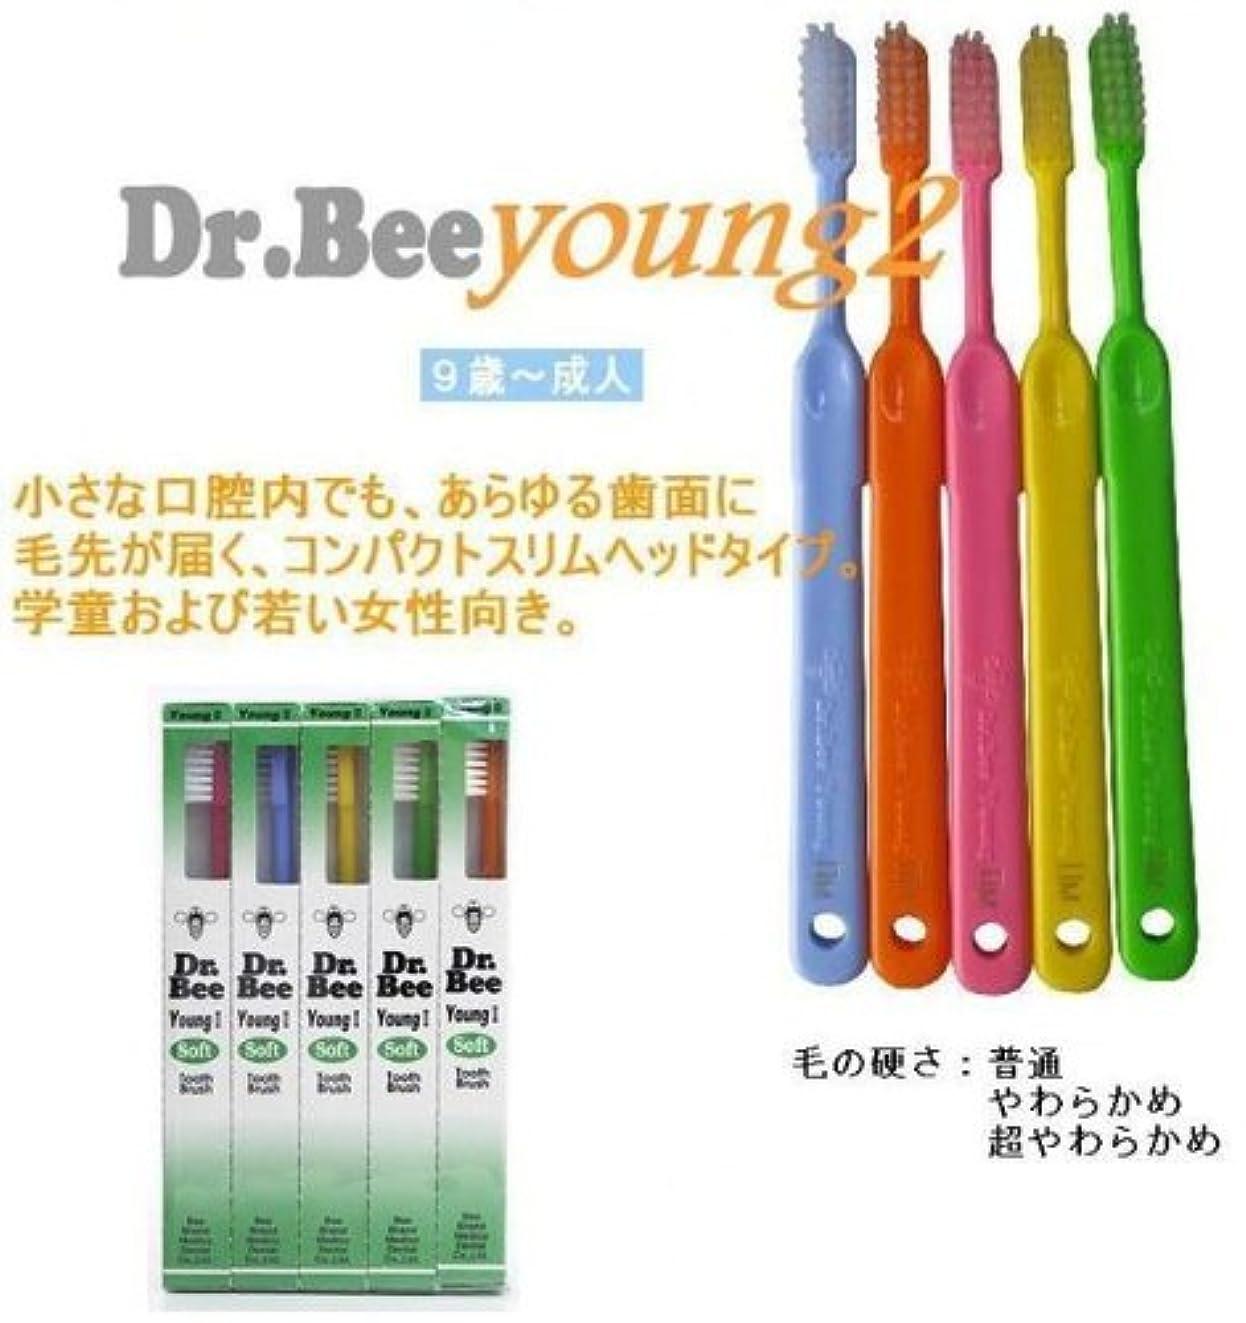 仲人自転車句BeeBrand Dr.BEE 歯ブラシ ヤングII ソフト